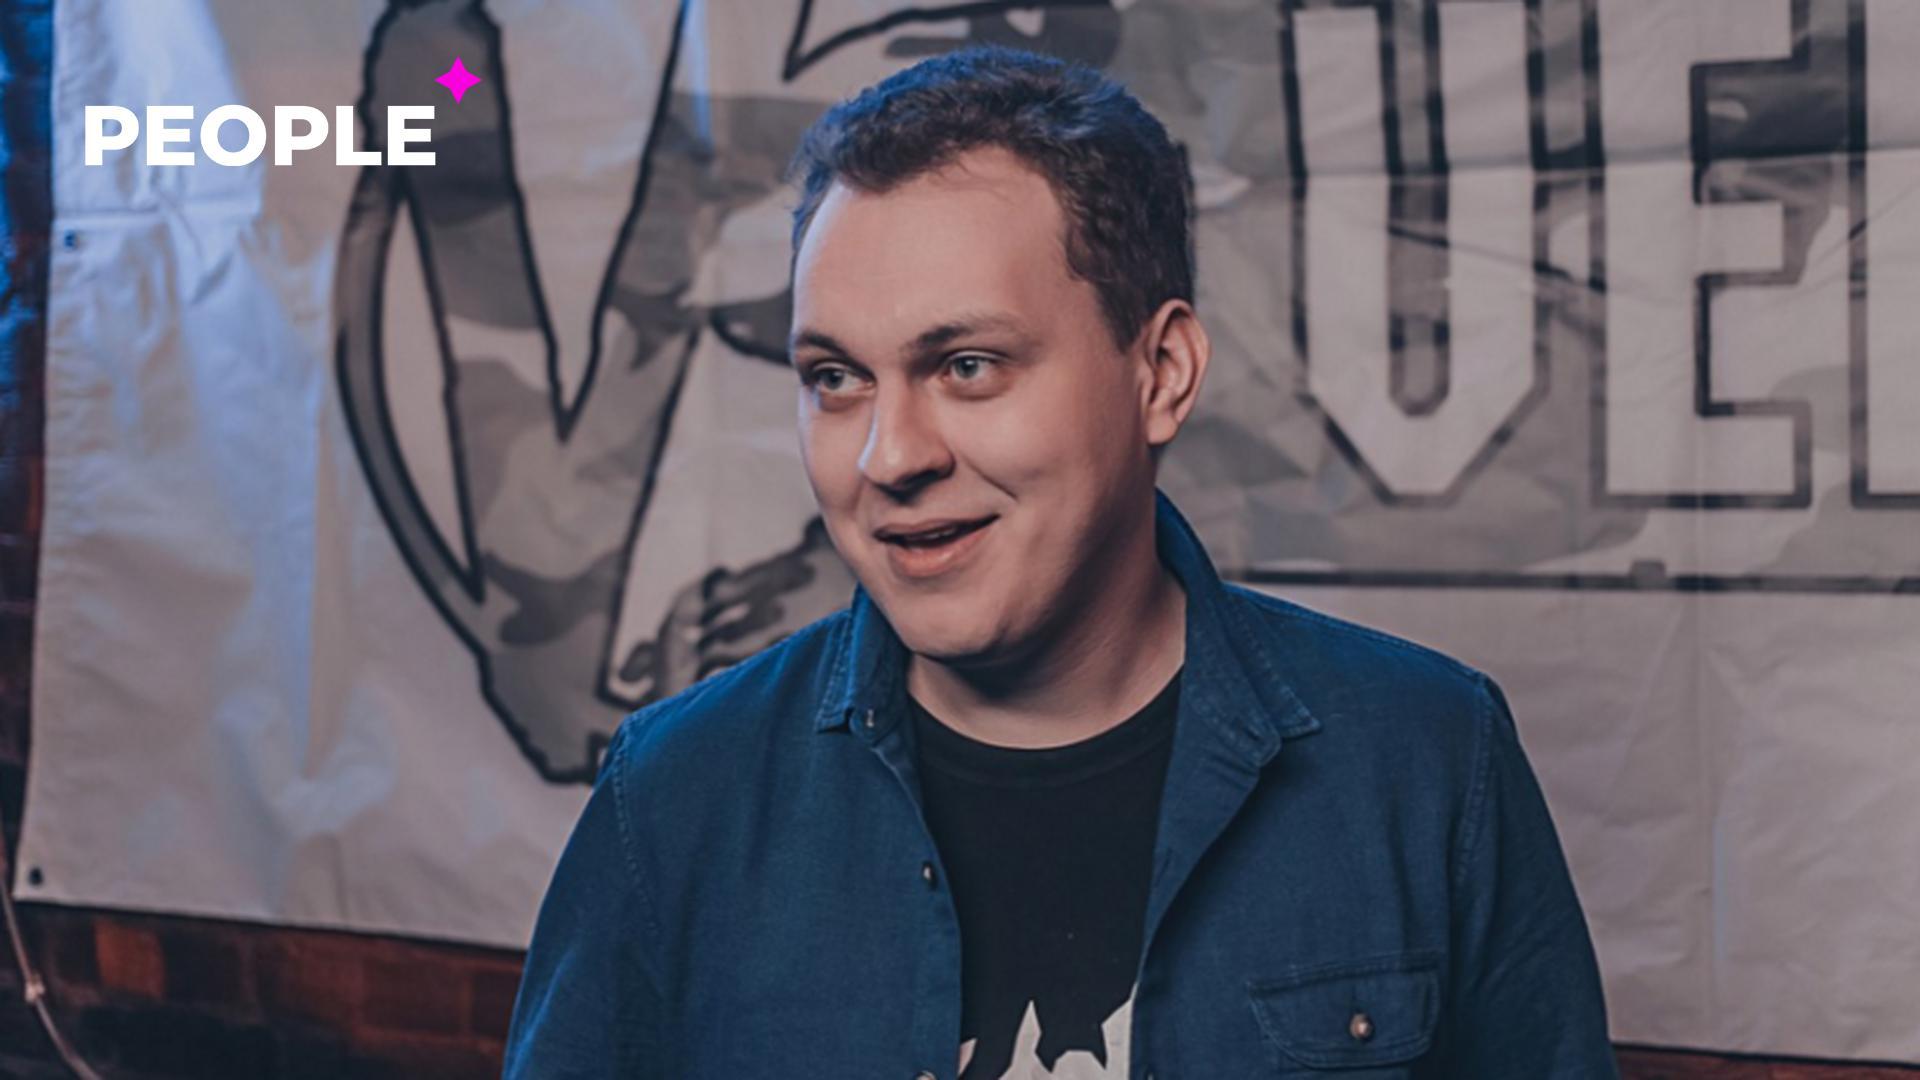 Блогер Юрий Хованский извинился за песню, из-за которой был задержан в собственном доме